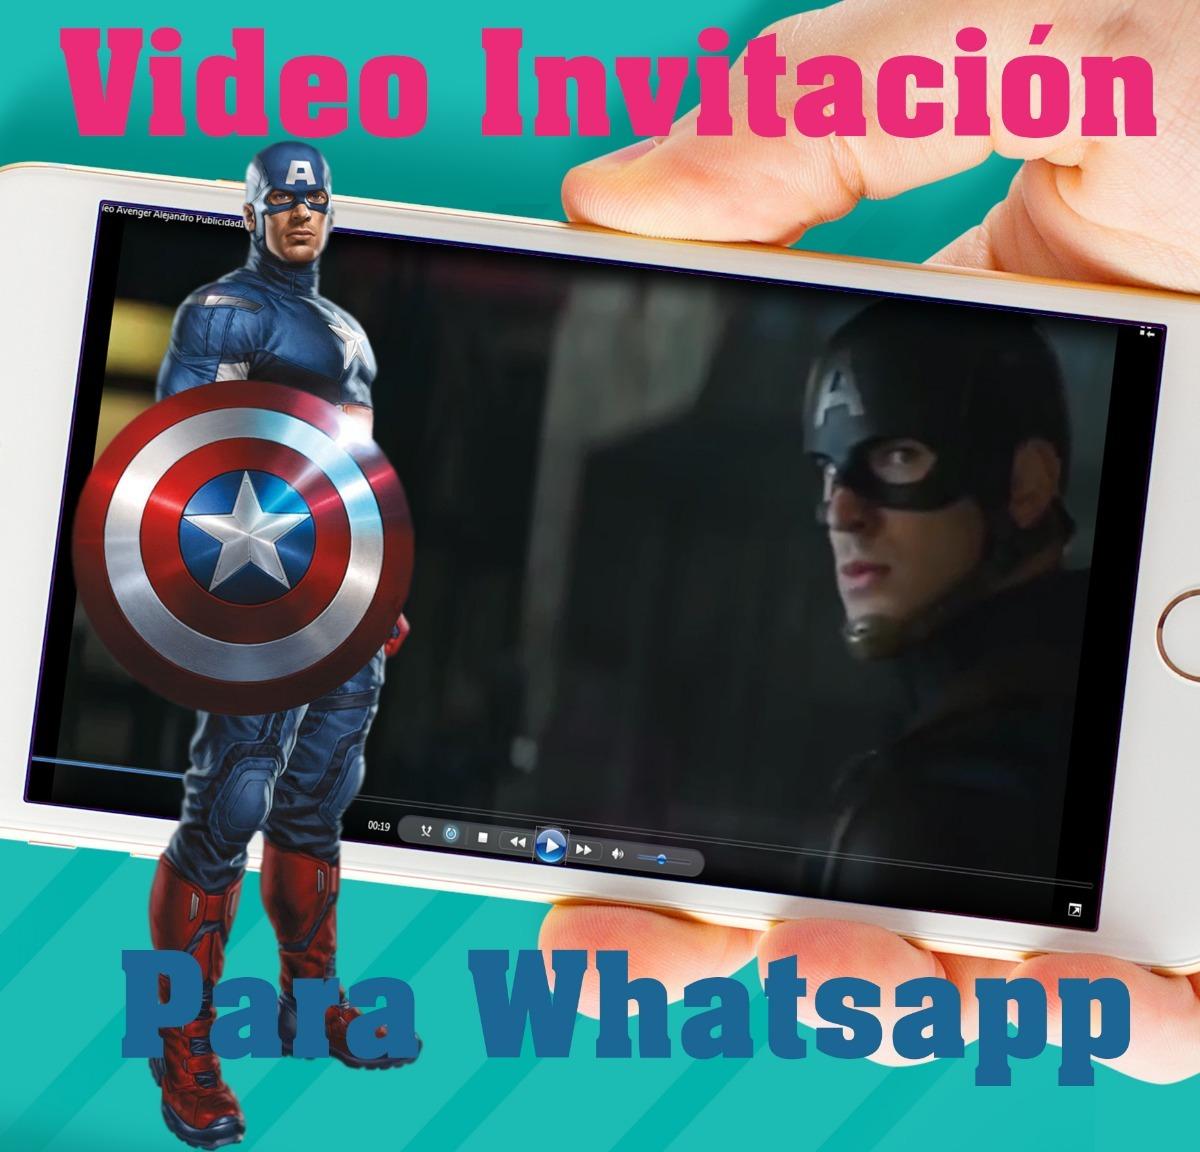 Tarjeta Invitación Vídeo Vengadores Avenger Capitan America